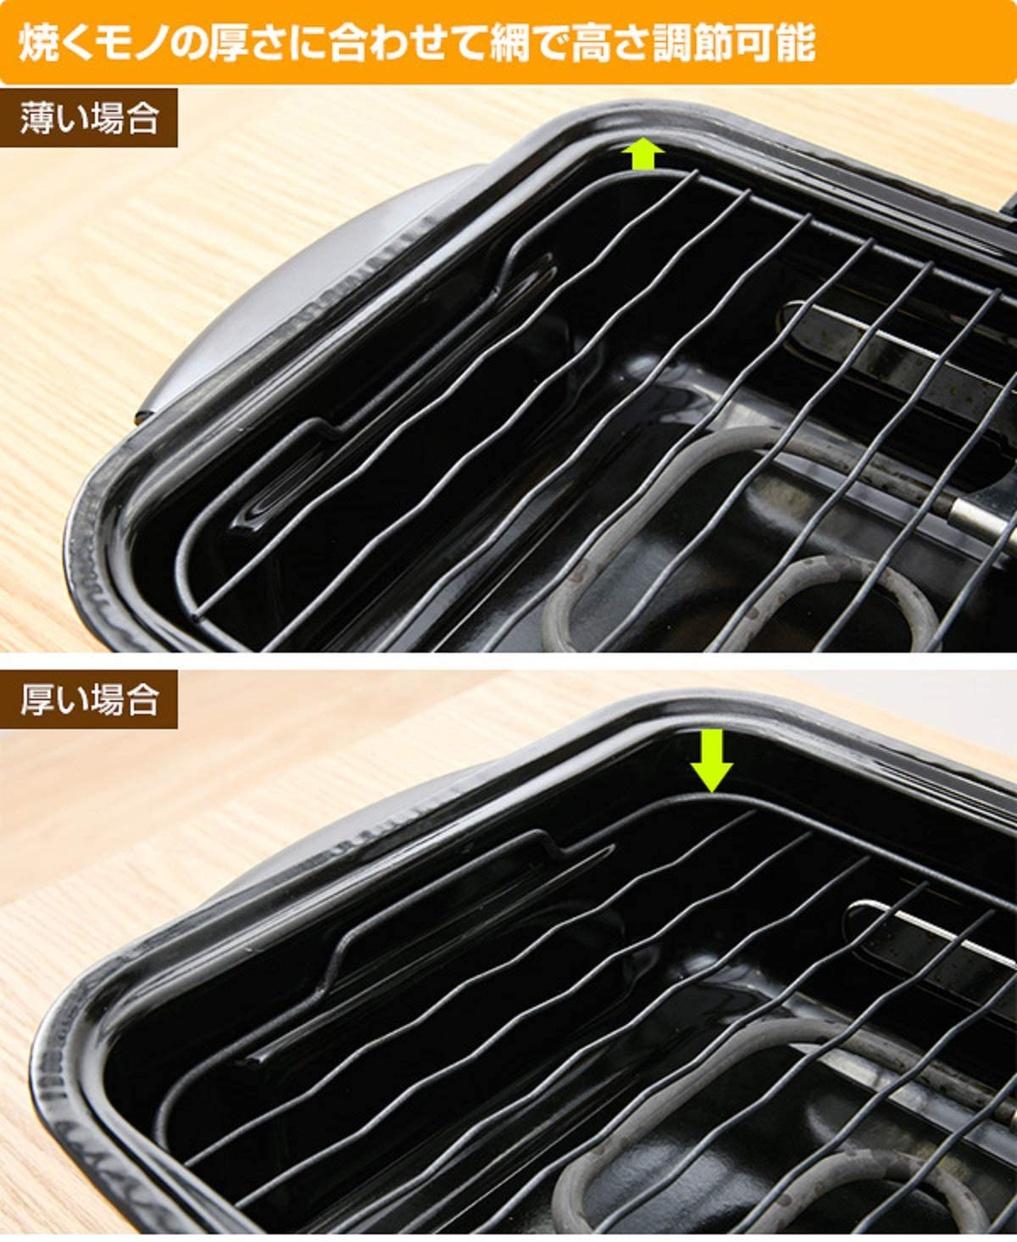 山善(YAMAZEN) ワイドグリル  NFR-1100の商品画像6